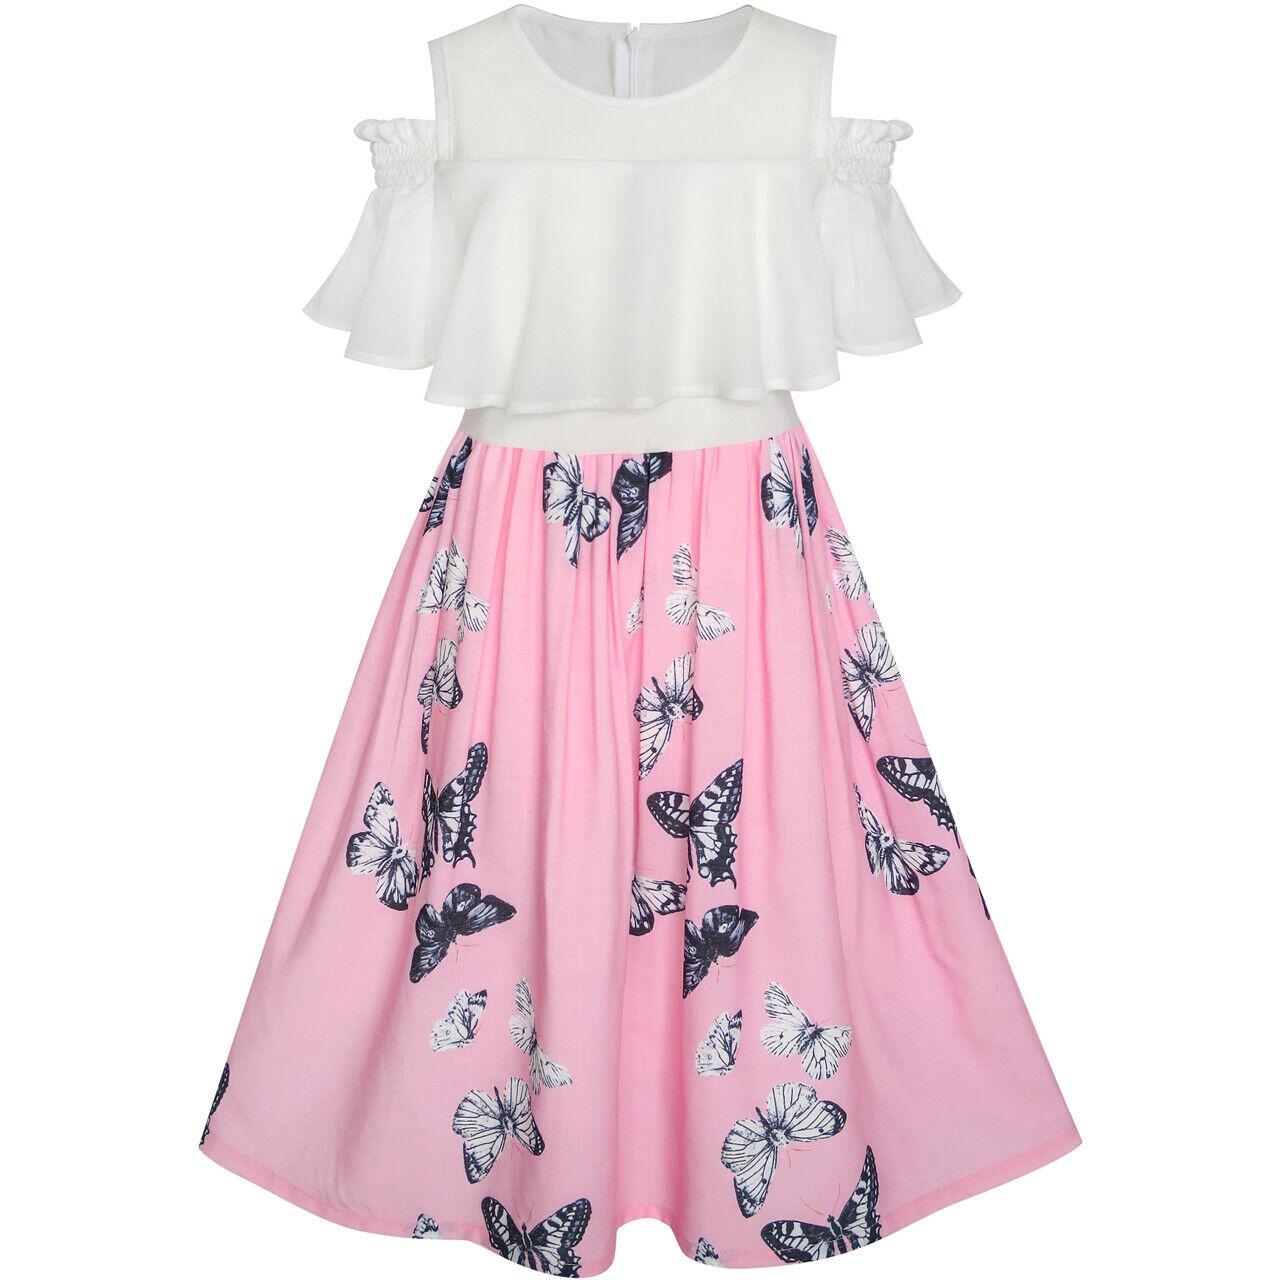 Sizes 6-14 Dress Like Flo Girls Cheetah Print Skirt